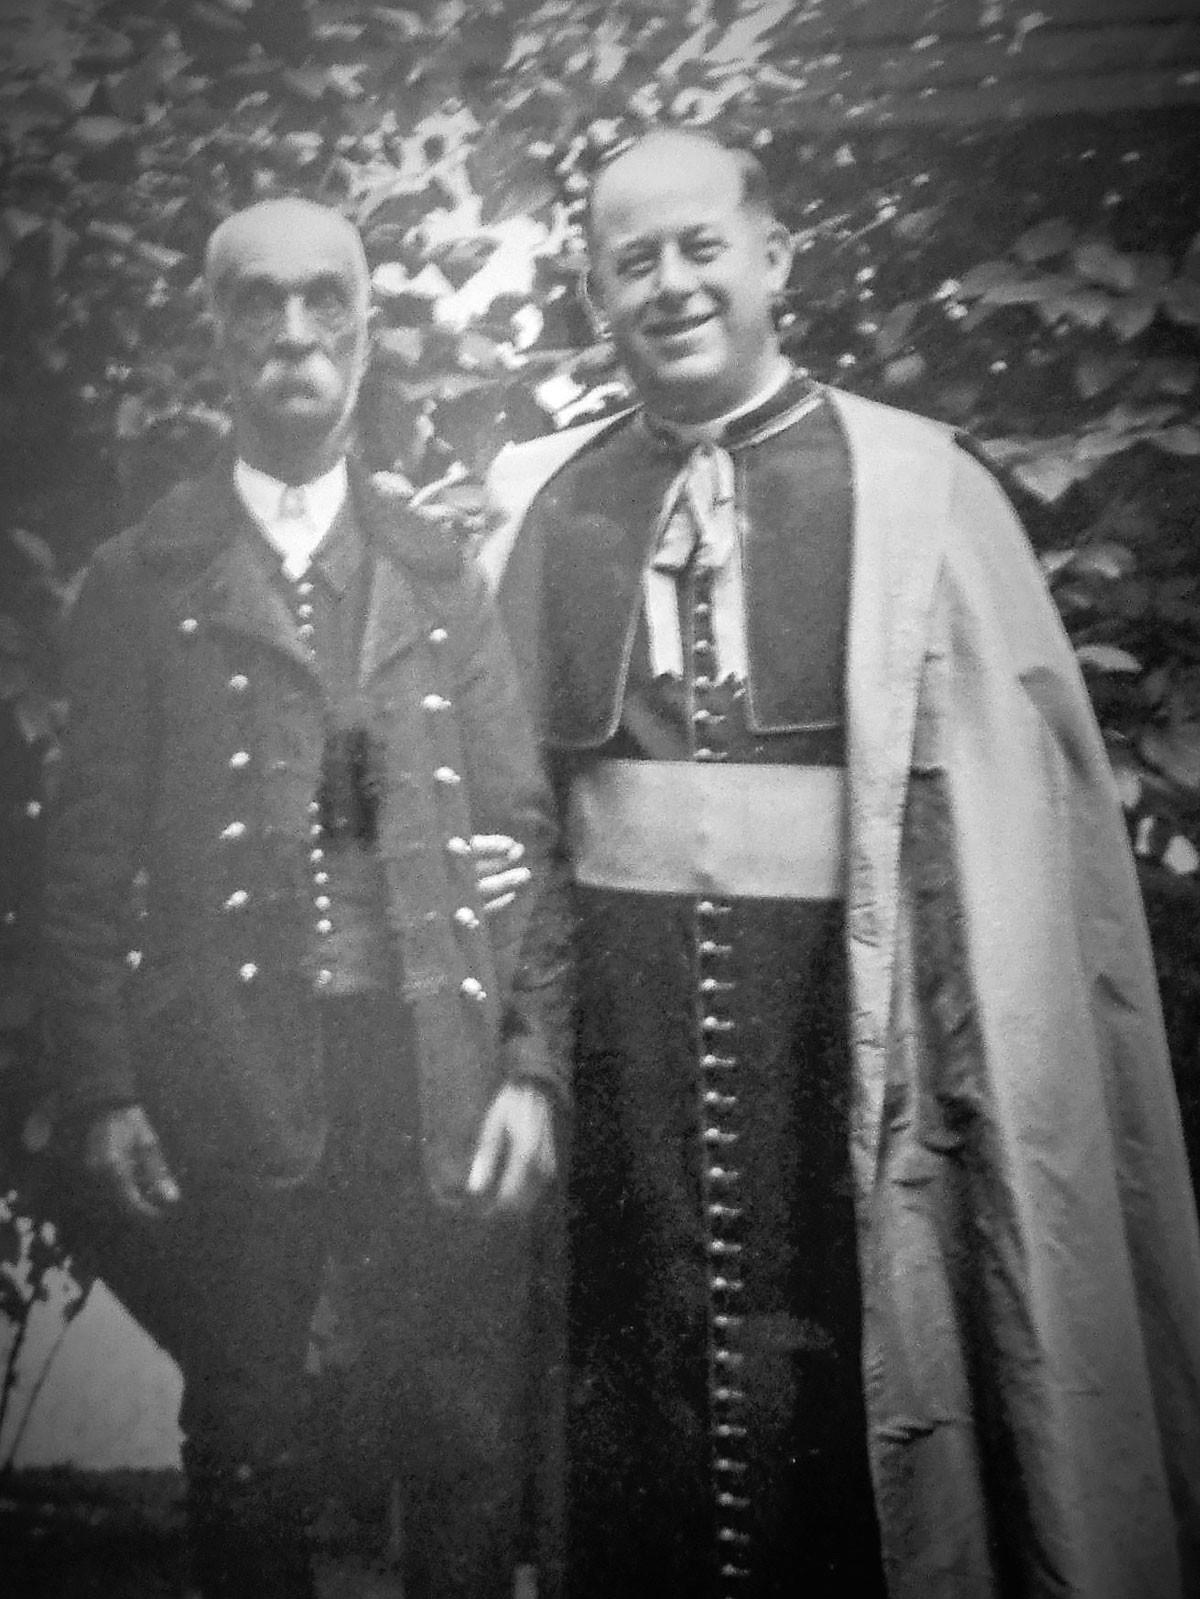 A lakiteleki Jézus Szíve-templomot idén 95 esztendeje, 1926. szeptember 8-án, Kisboldogasszony ünnepén szentelte fel Révész István (jobbról) kecskeméti prelátus plébános, későbbi tábori püspök. Ő volt az, aki erőt és fáradságot nem kímélve megszervezte Kecskemét környékén a tanyasi iskolai hálózatot, és ott tanyasi lelkészségeket hívott életre. A felsőalpári határ, a mai Lakitelek hitéletét, az itt élő emberek boldogulását különösen szívén viselte a derék pap. Ez lehetett az oka annak, hogy Balla Sándort (balról) kérte fel a köszöntésre